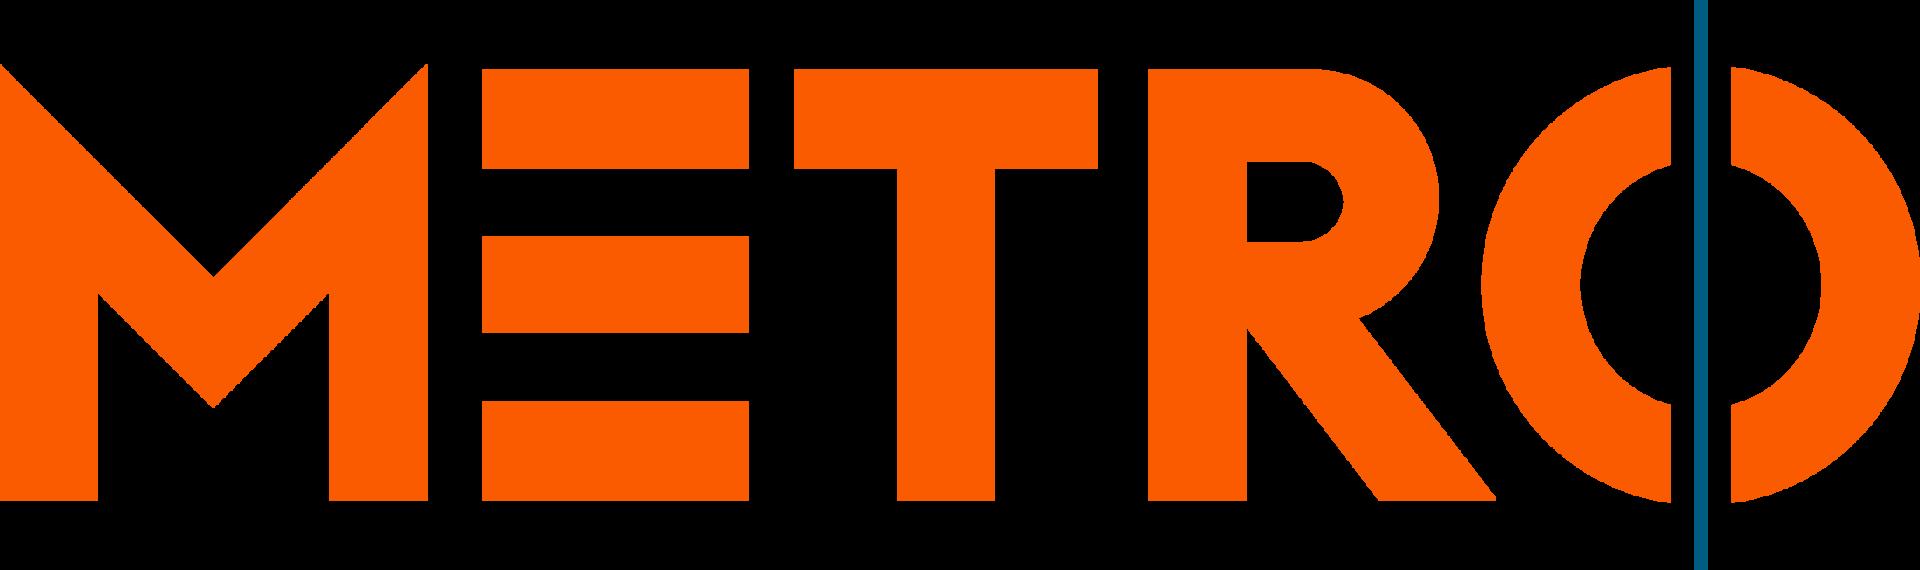 Telewizja METRO dostępna w kolejnych pakietach telewizyjnych UPC